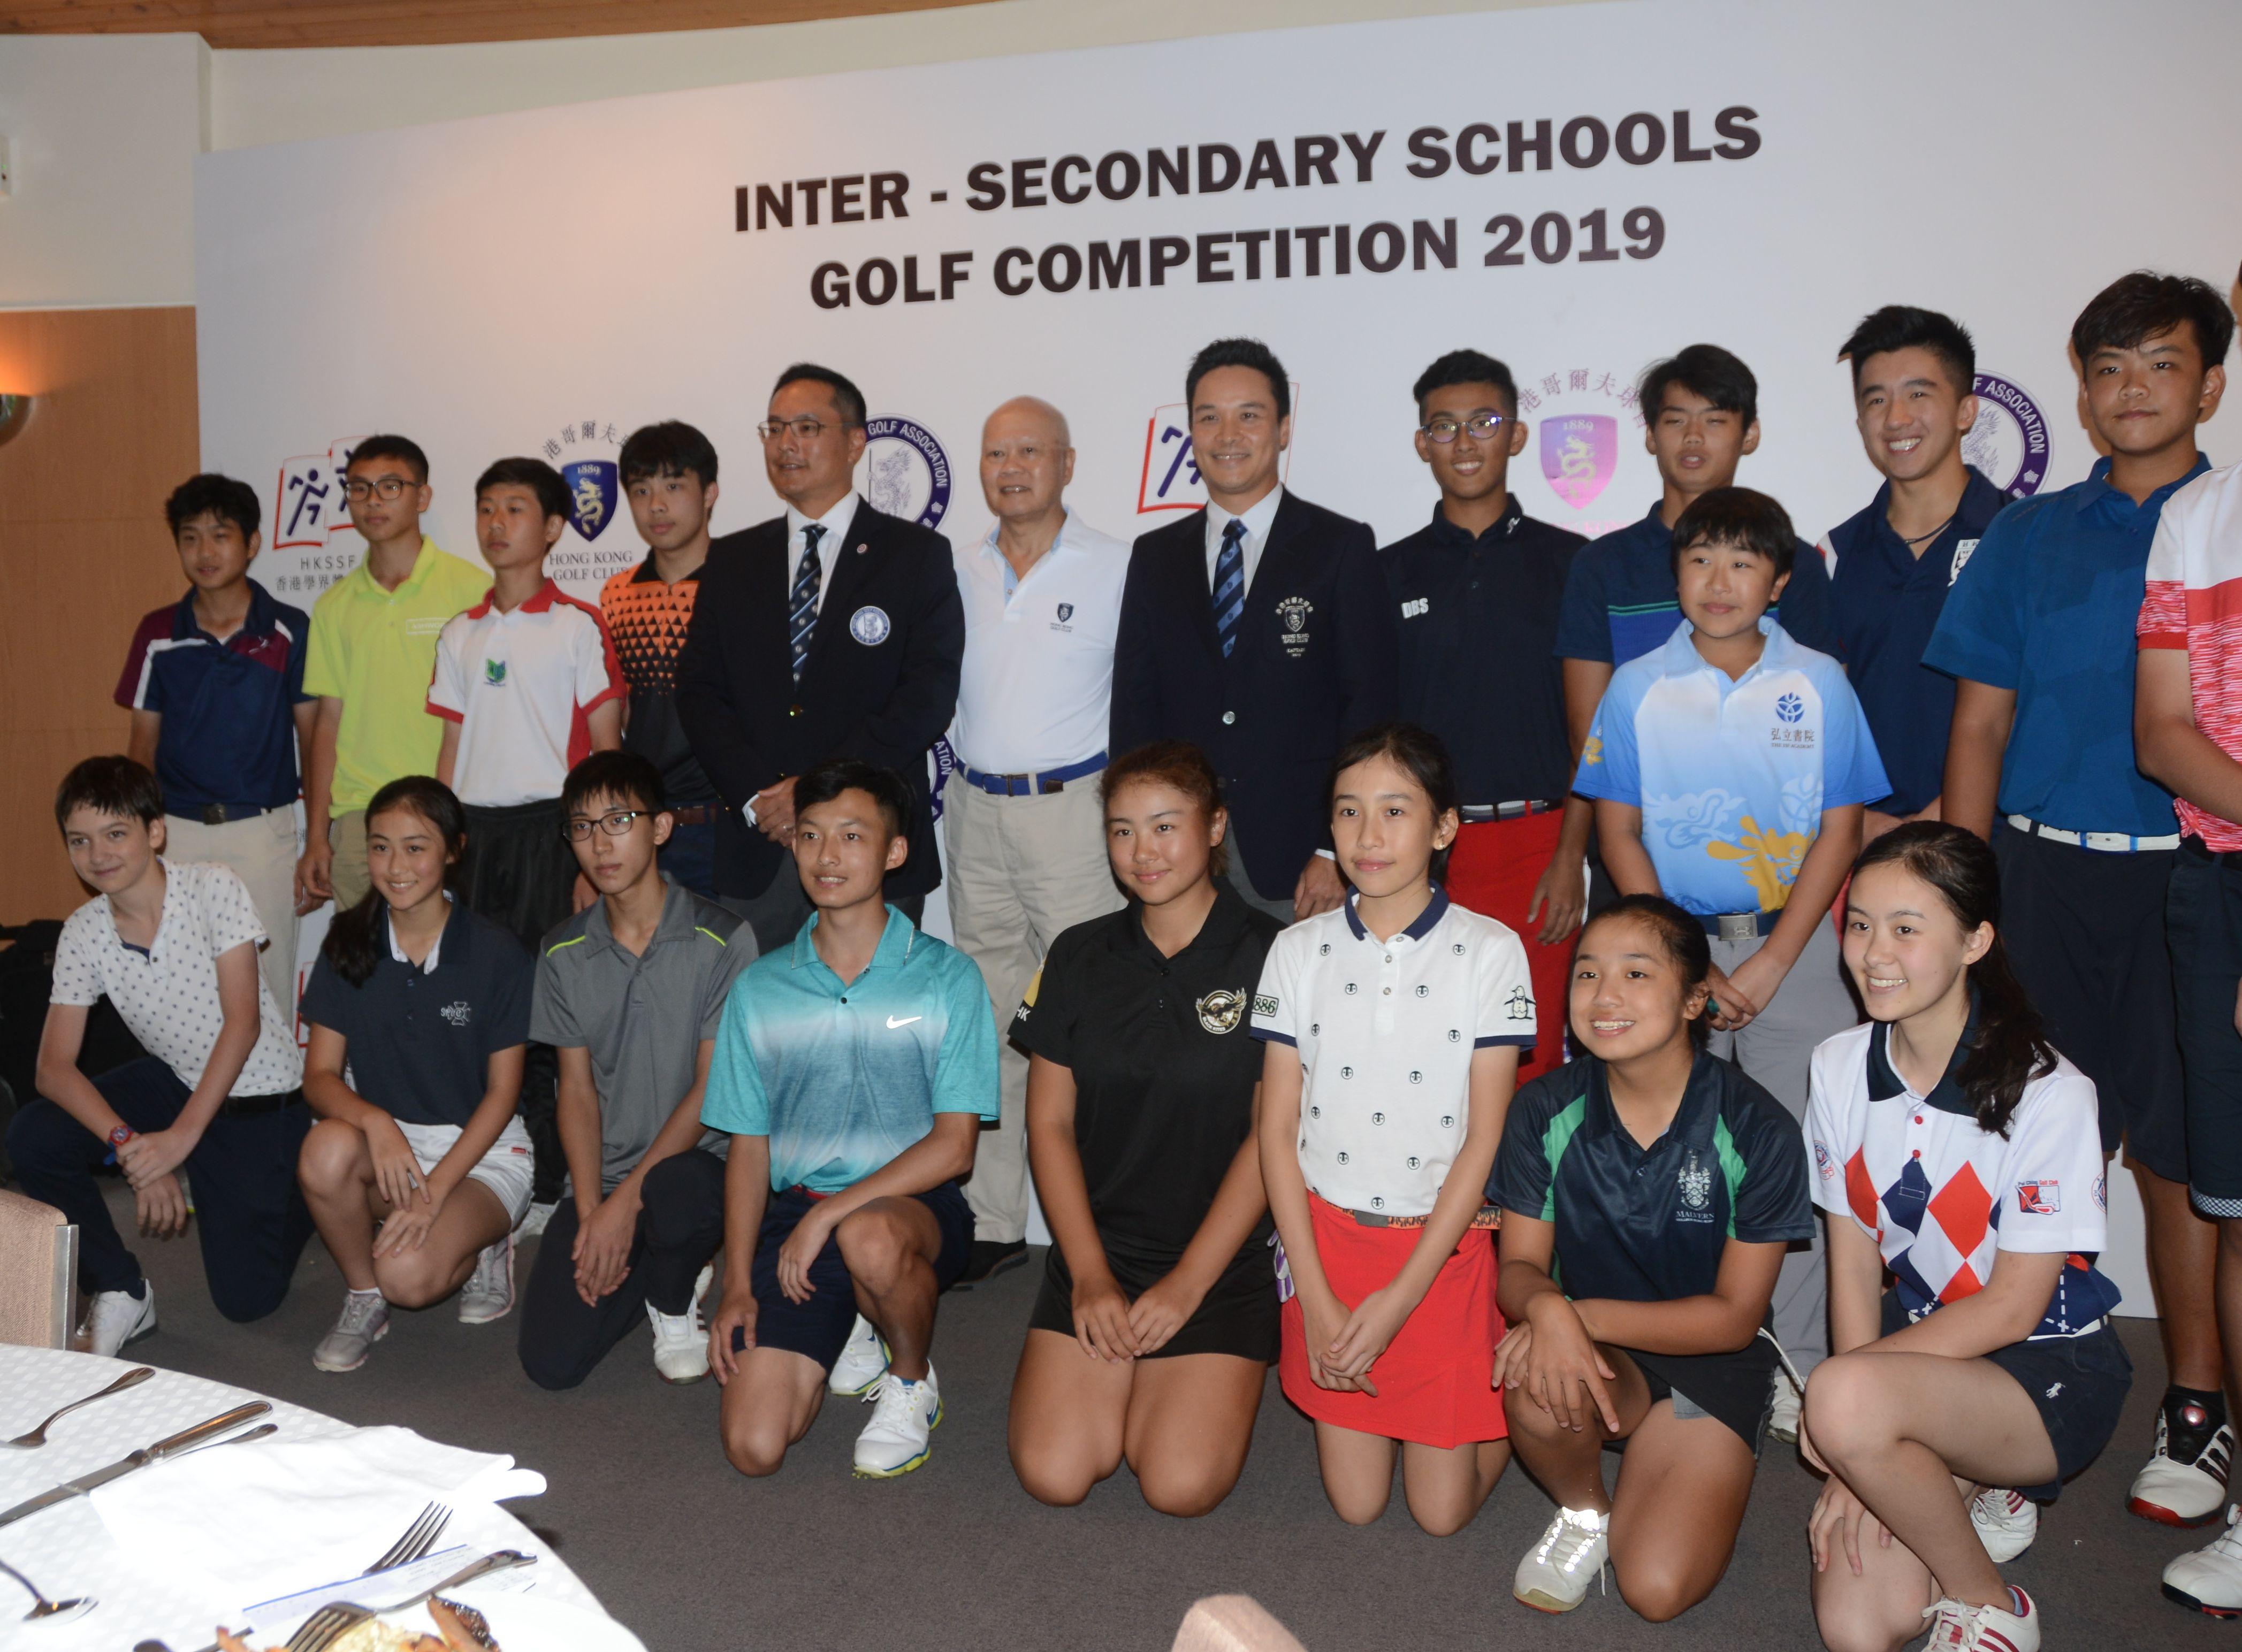 香港高爾夫球總會行政總裁賴以尊讚揚球手備戰態度認真,令整體水平提升。馮梓健攝